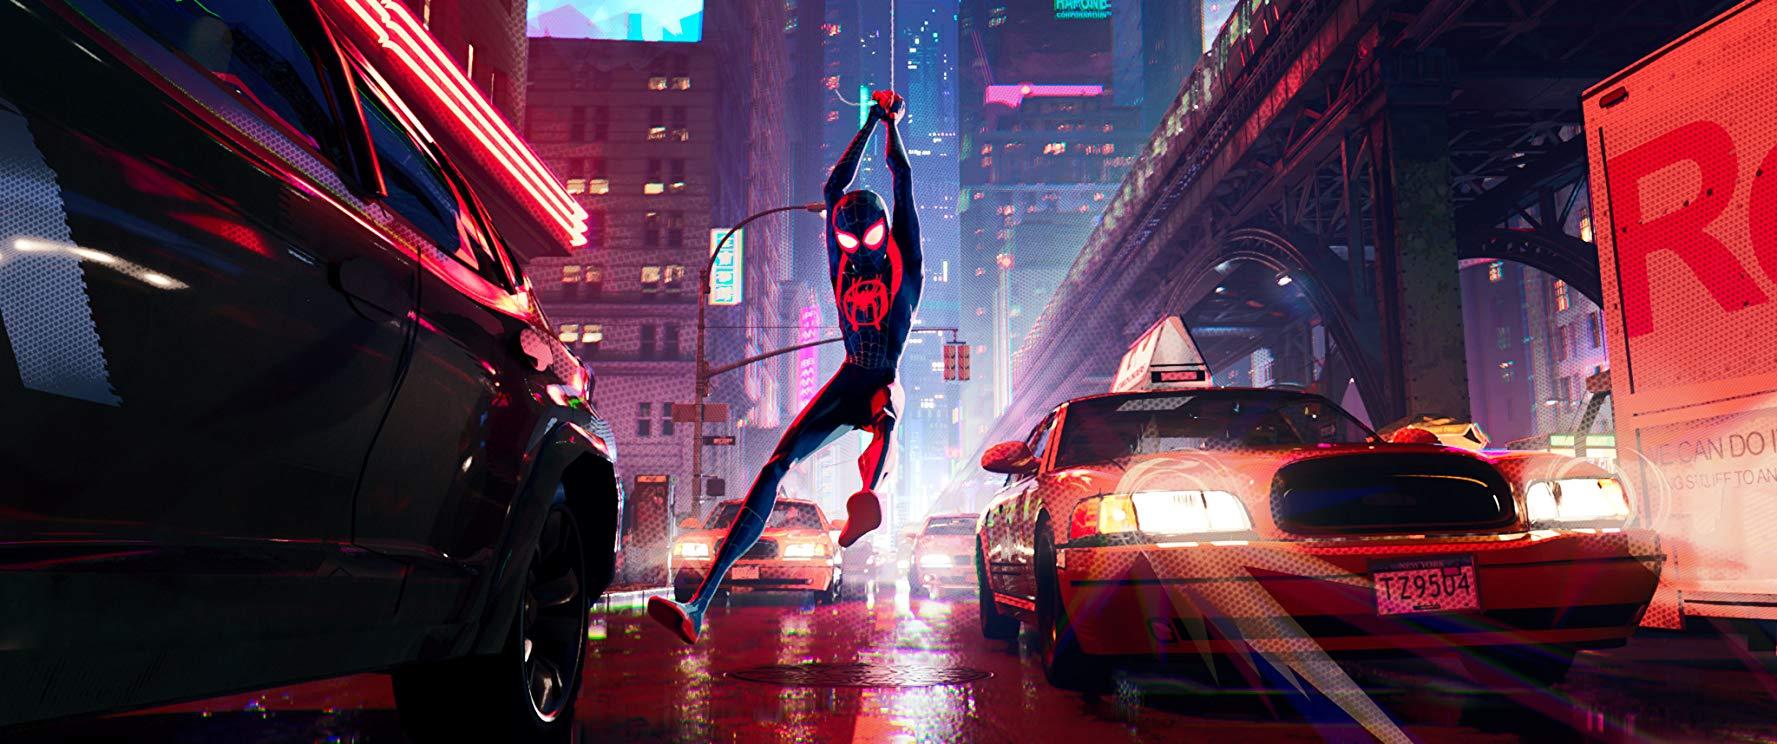 spider5.jpg